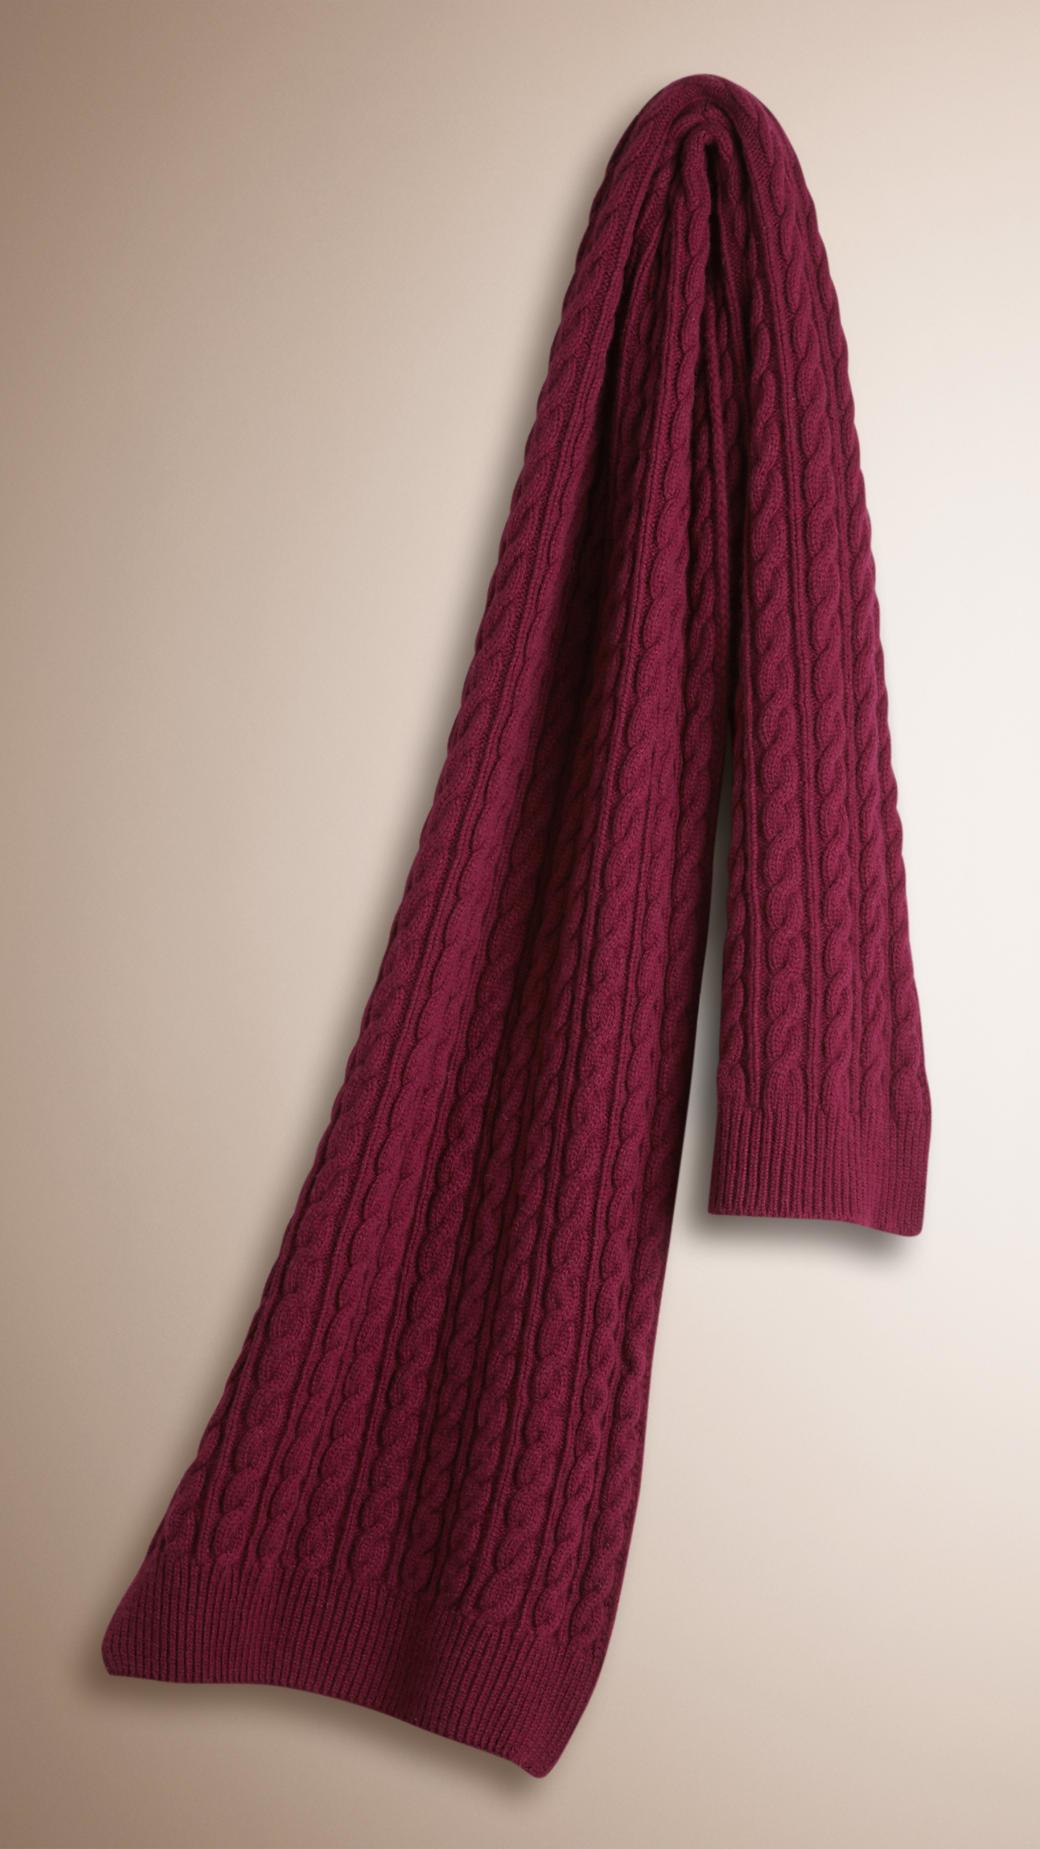 f7f4354fed4b france burberry scarf damson cashmere 44bae 08c63